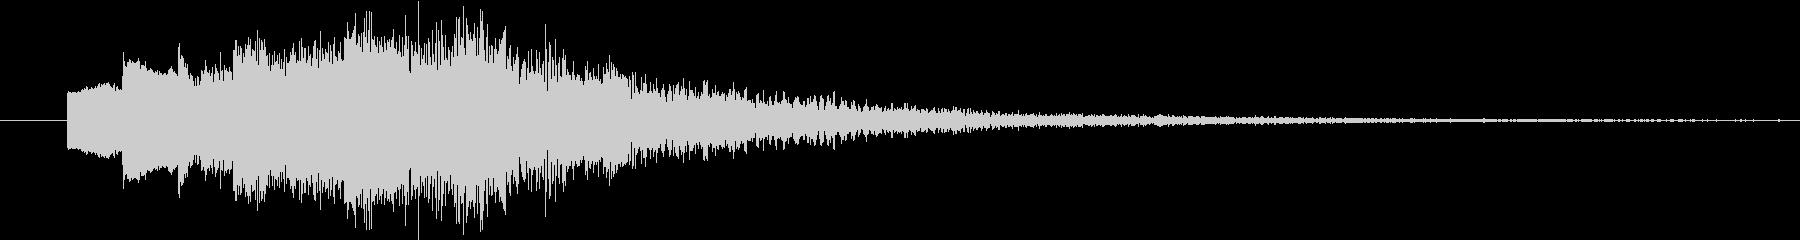 パソコンの起動音のような...。フワー…の未再生の波形